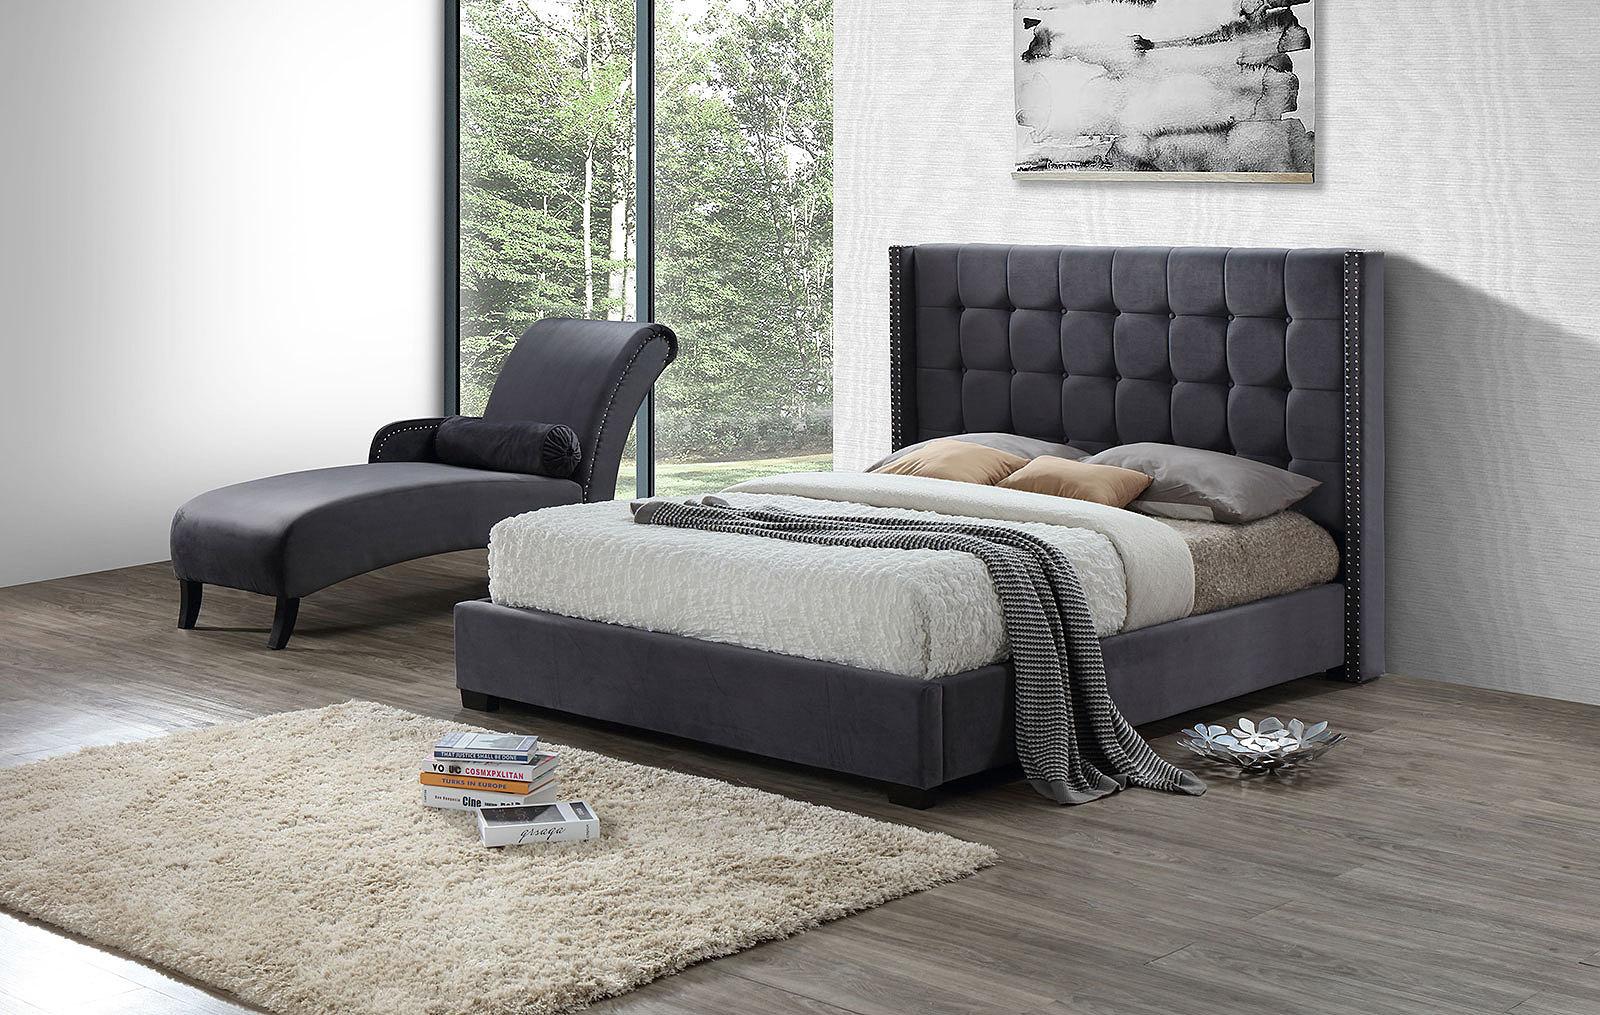 Кровать ESF INFI2868 серый и Шезлонг INFI1040 серый